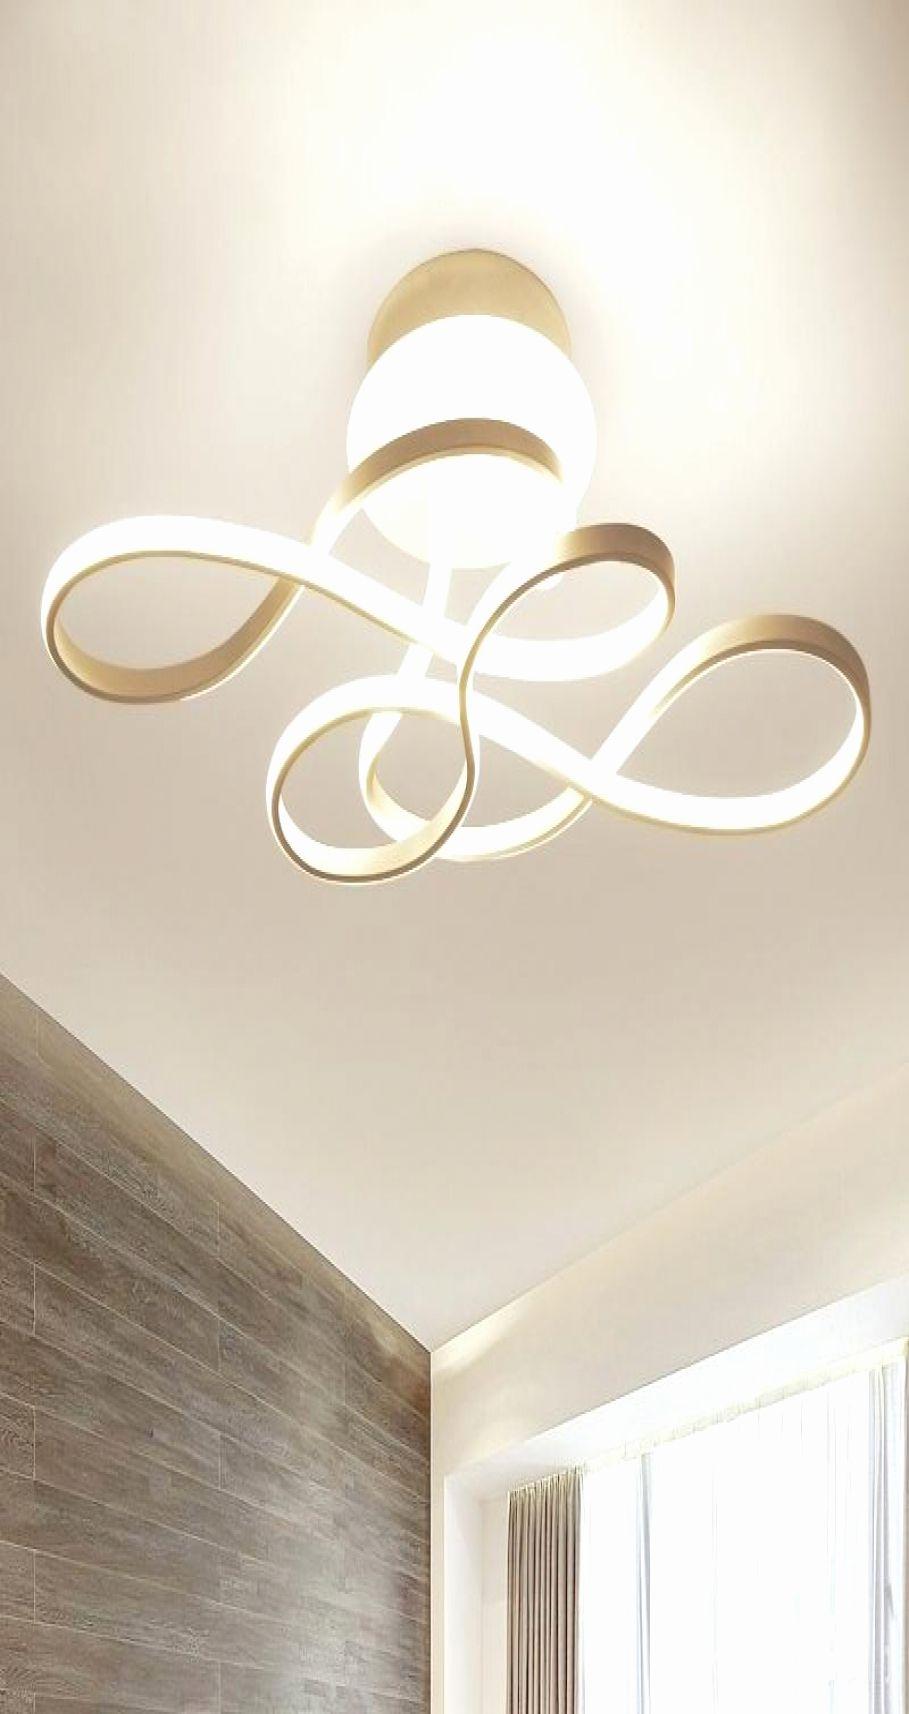 26 Ehrfurcht Led Lampen Dimmbar Wohnzimmer